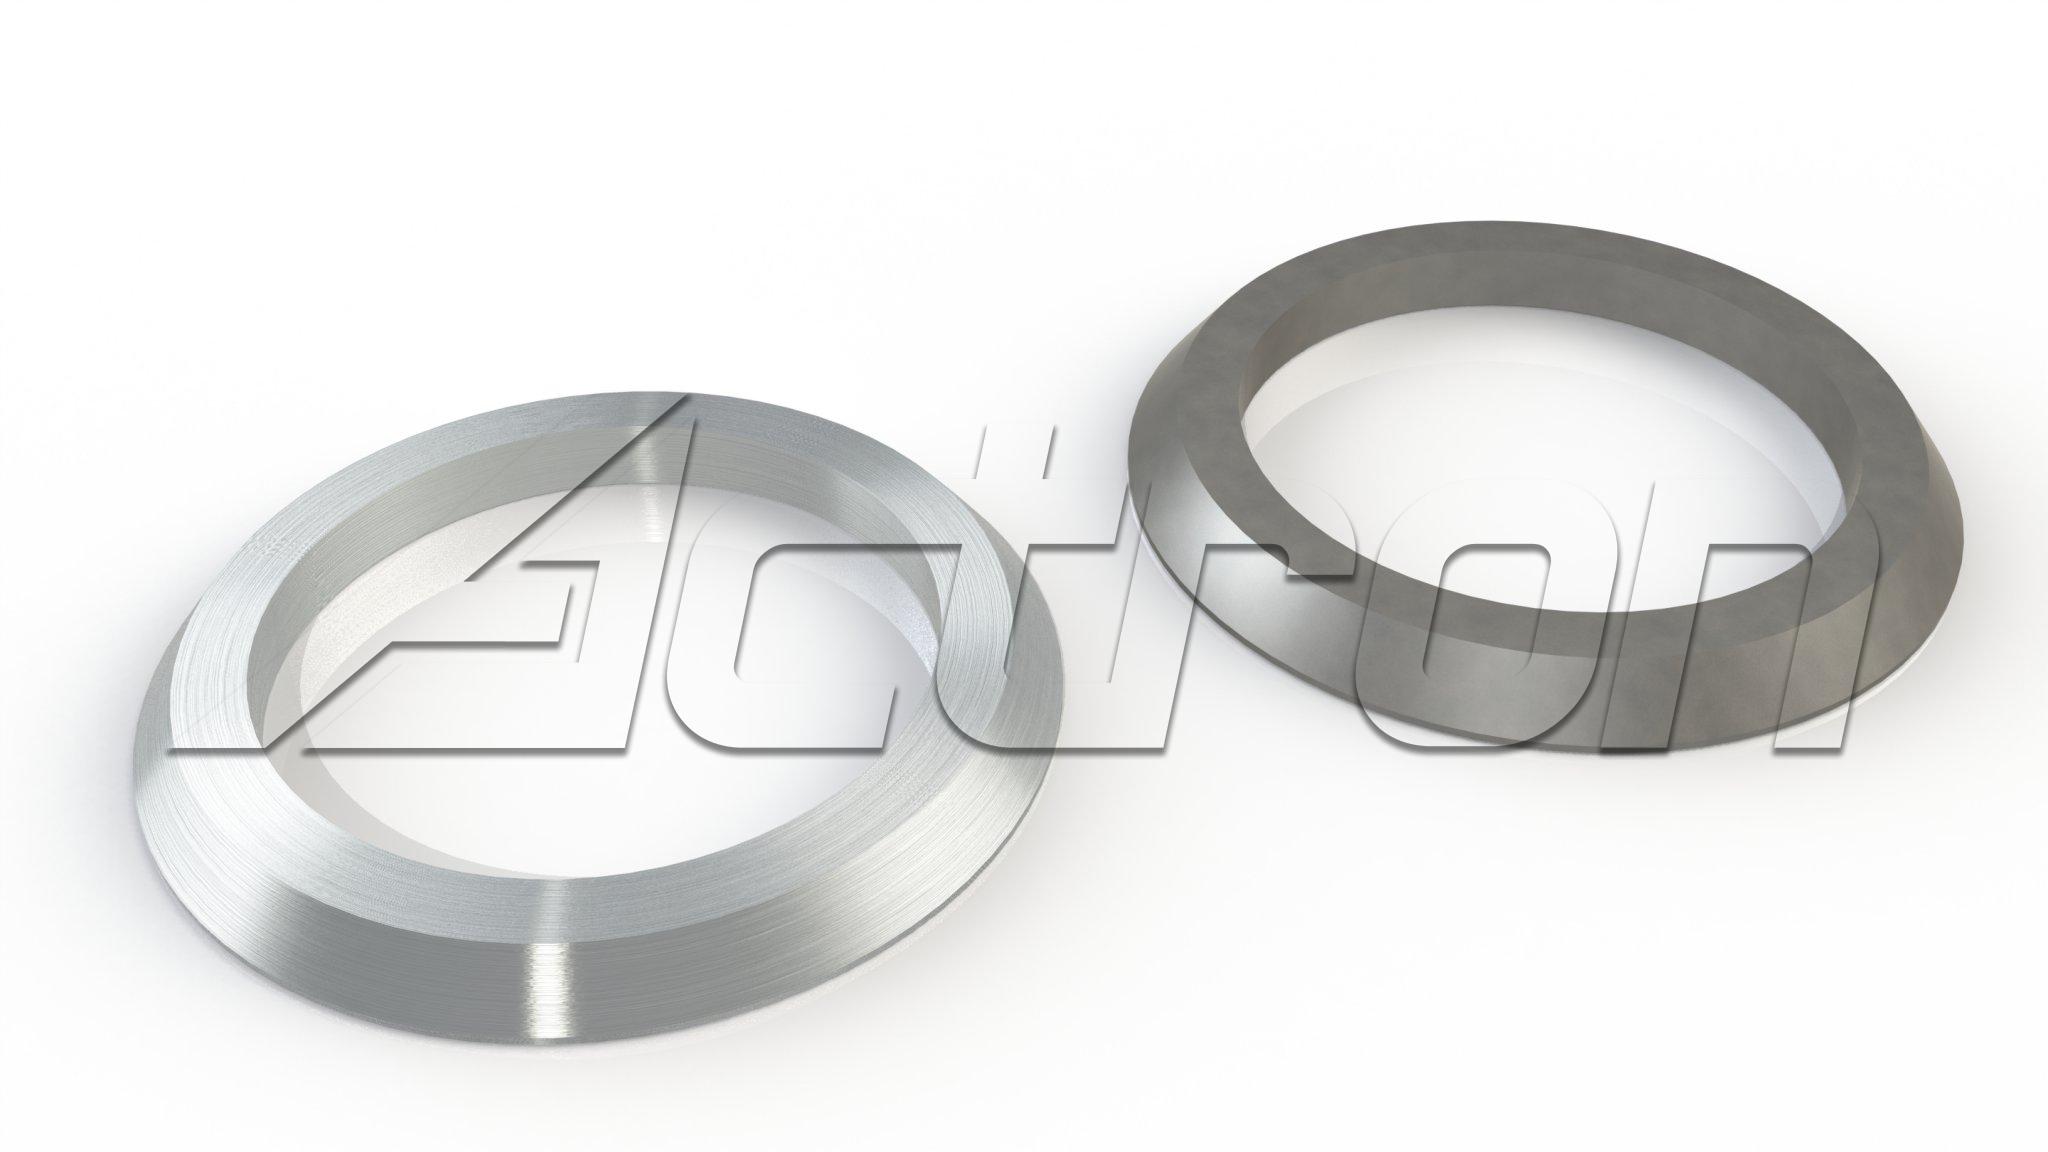 trim-ring-8211-lock-cylinder-5029-a2110.jpg